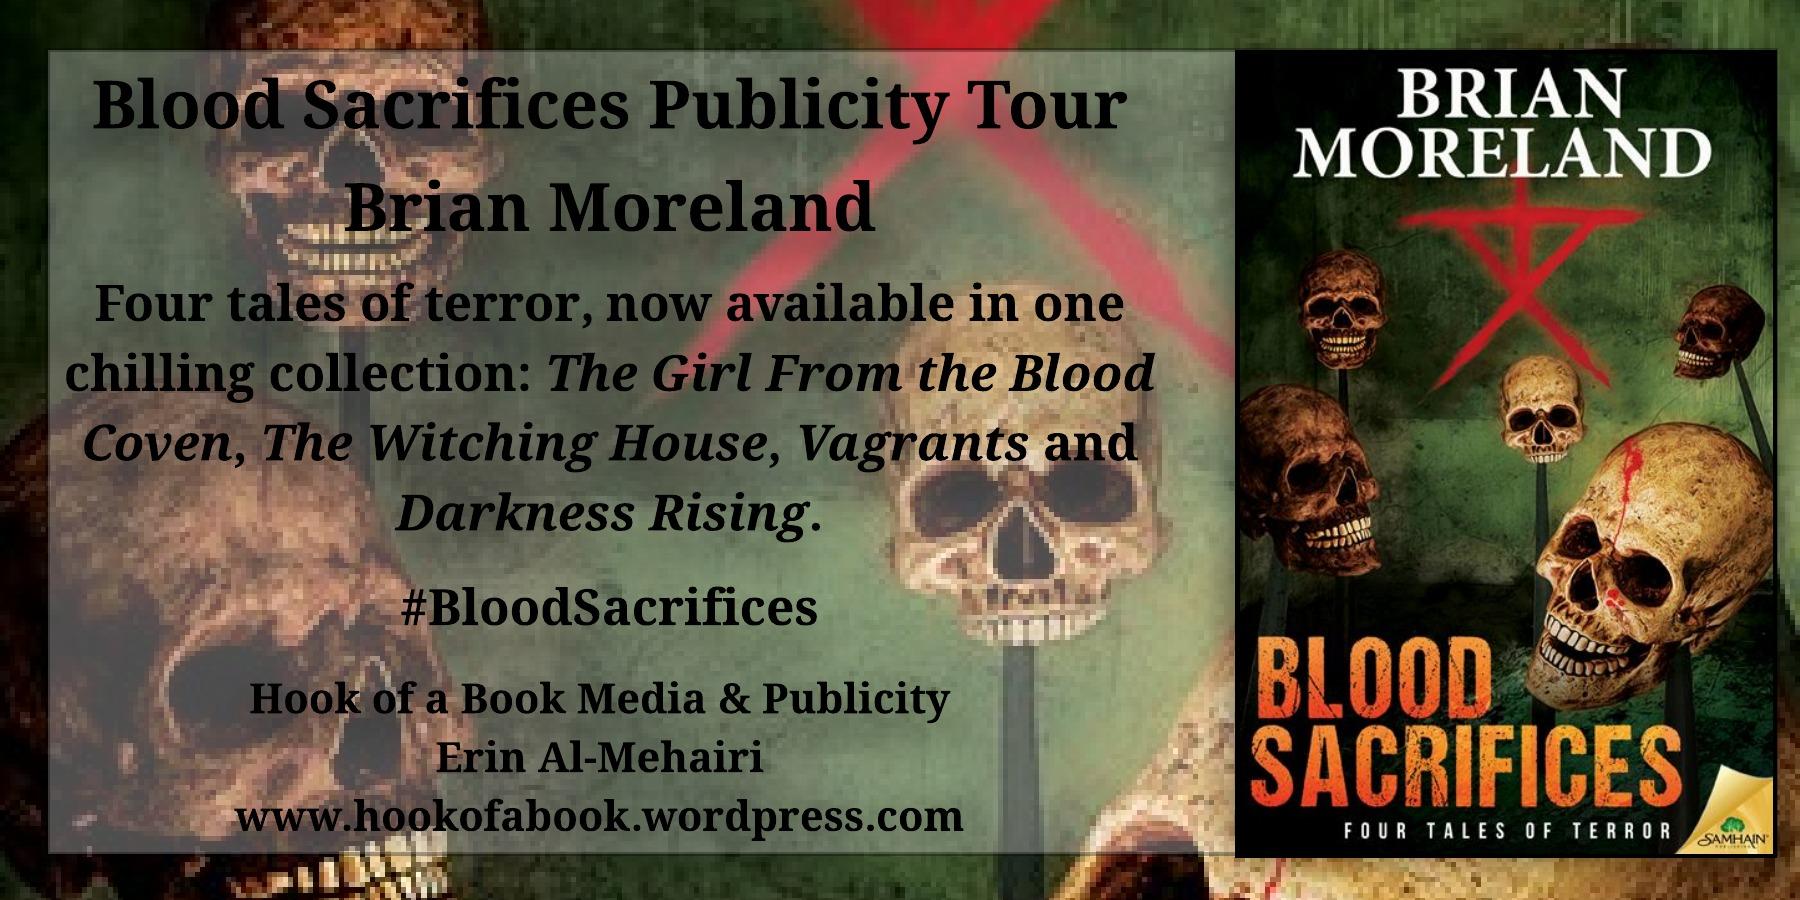 Blood Sacrifices tour graphic